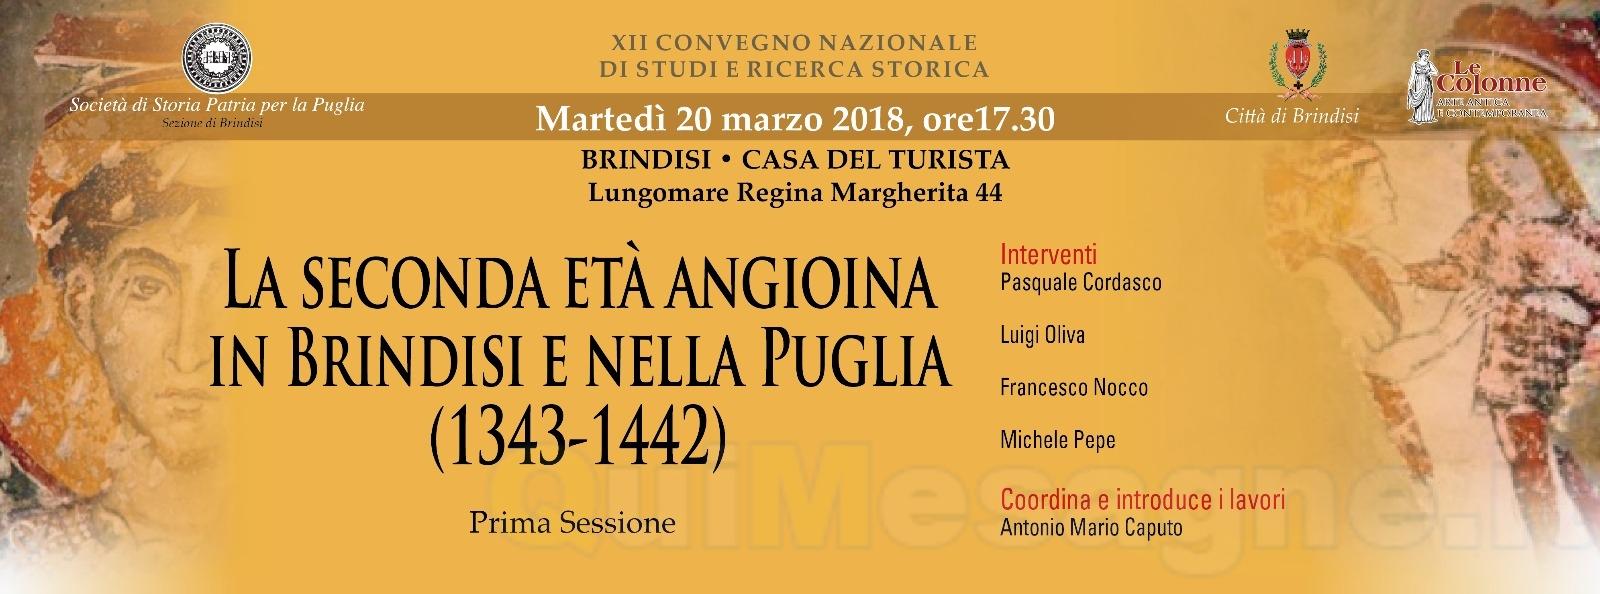 La seconda età angioina in Brindisi e nella Puglia (1343-1442)